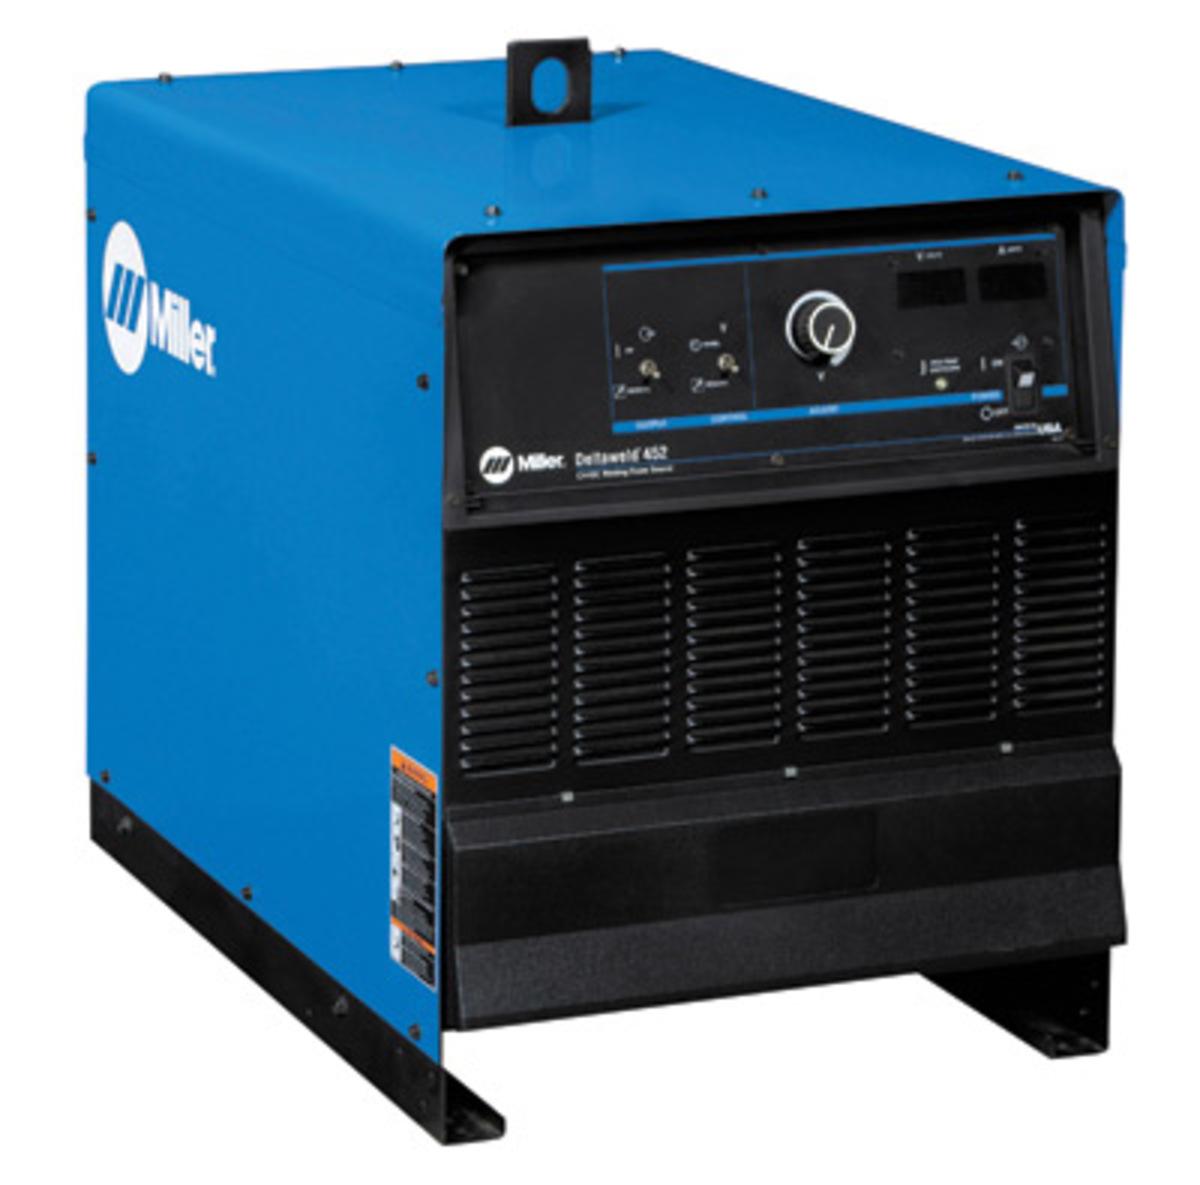 Airgas Wiring A Welder Miller Deltaweld 452 Mig 230 460 575 Volt With